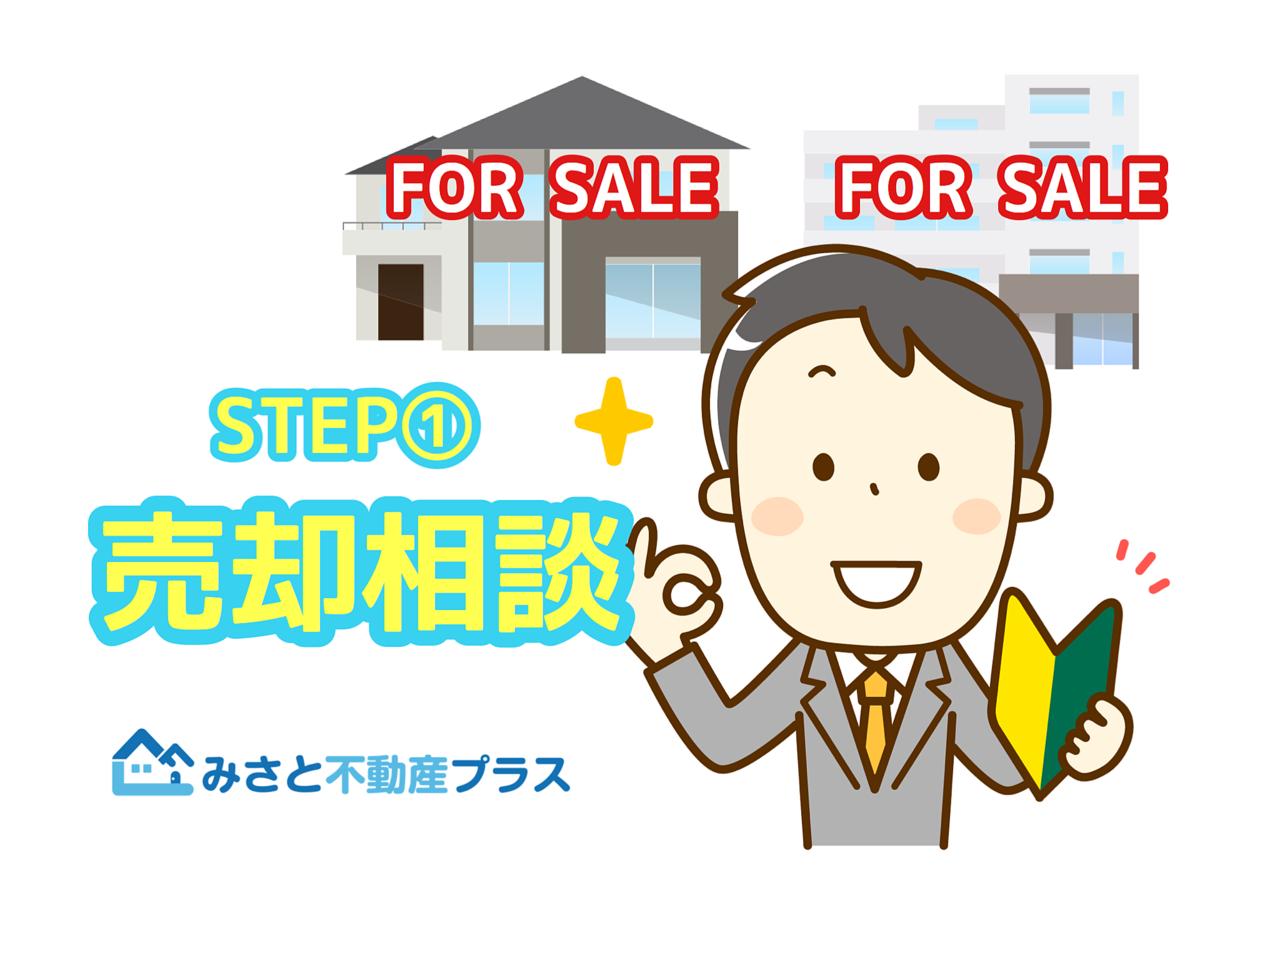 STEP①売却相談